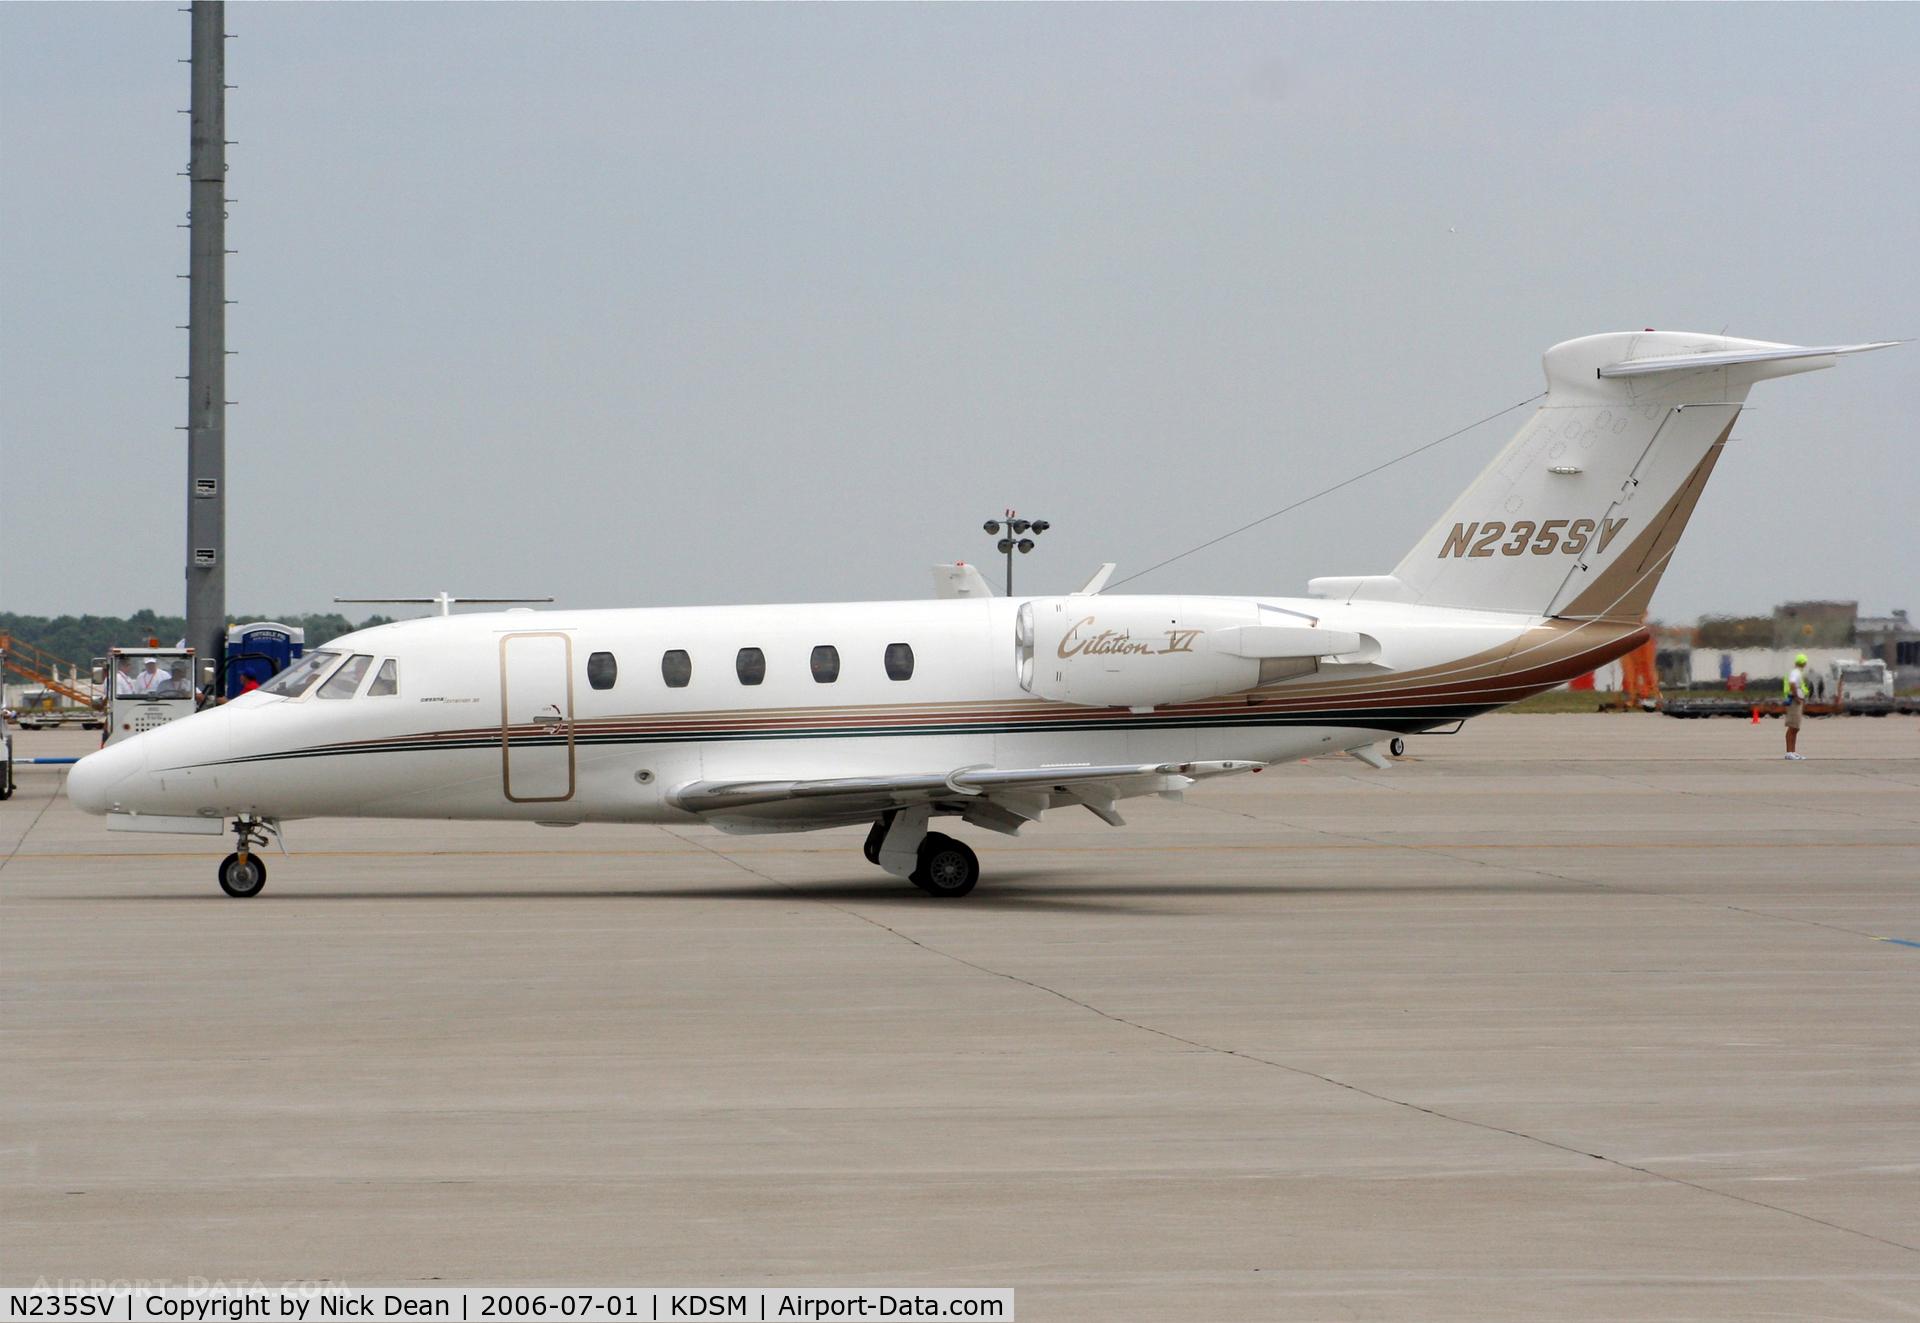 N235SV, 1994 Cessna 650 C/N 650-0235, KDSM